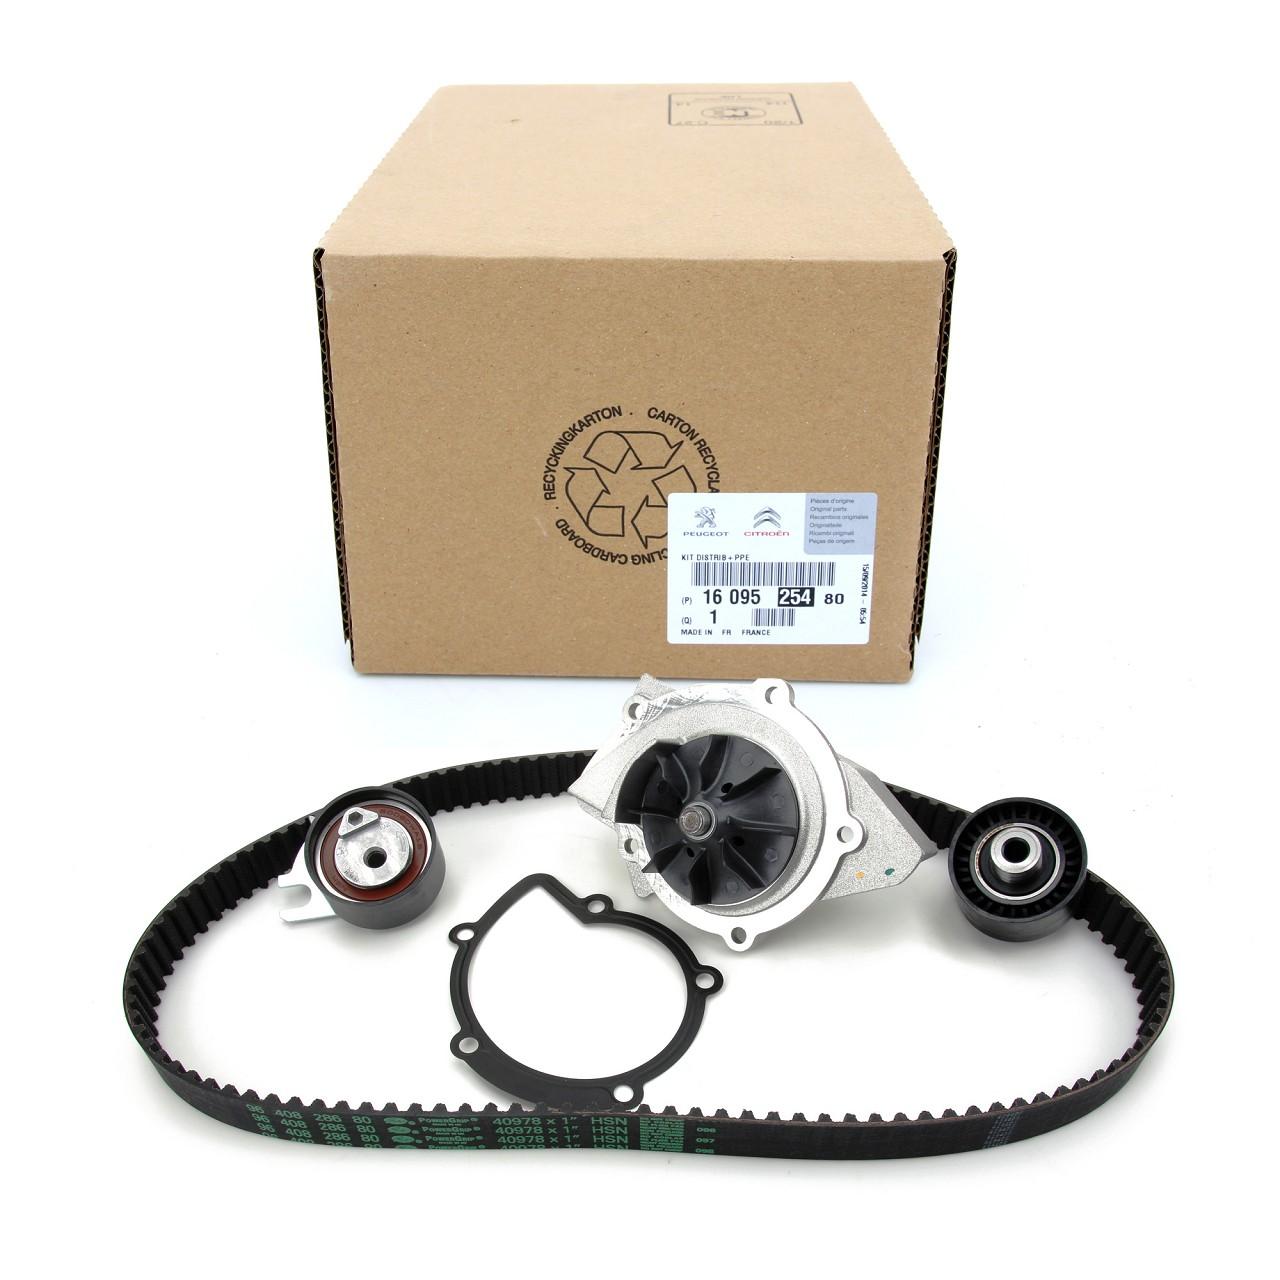 ORIGINAL Citroen Peugeot Zahnriemensatz Zahnriemenkit + Wasserpumpe 1609525480